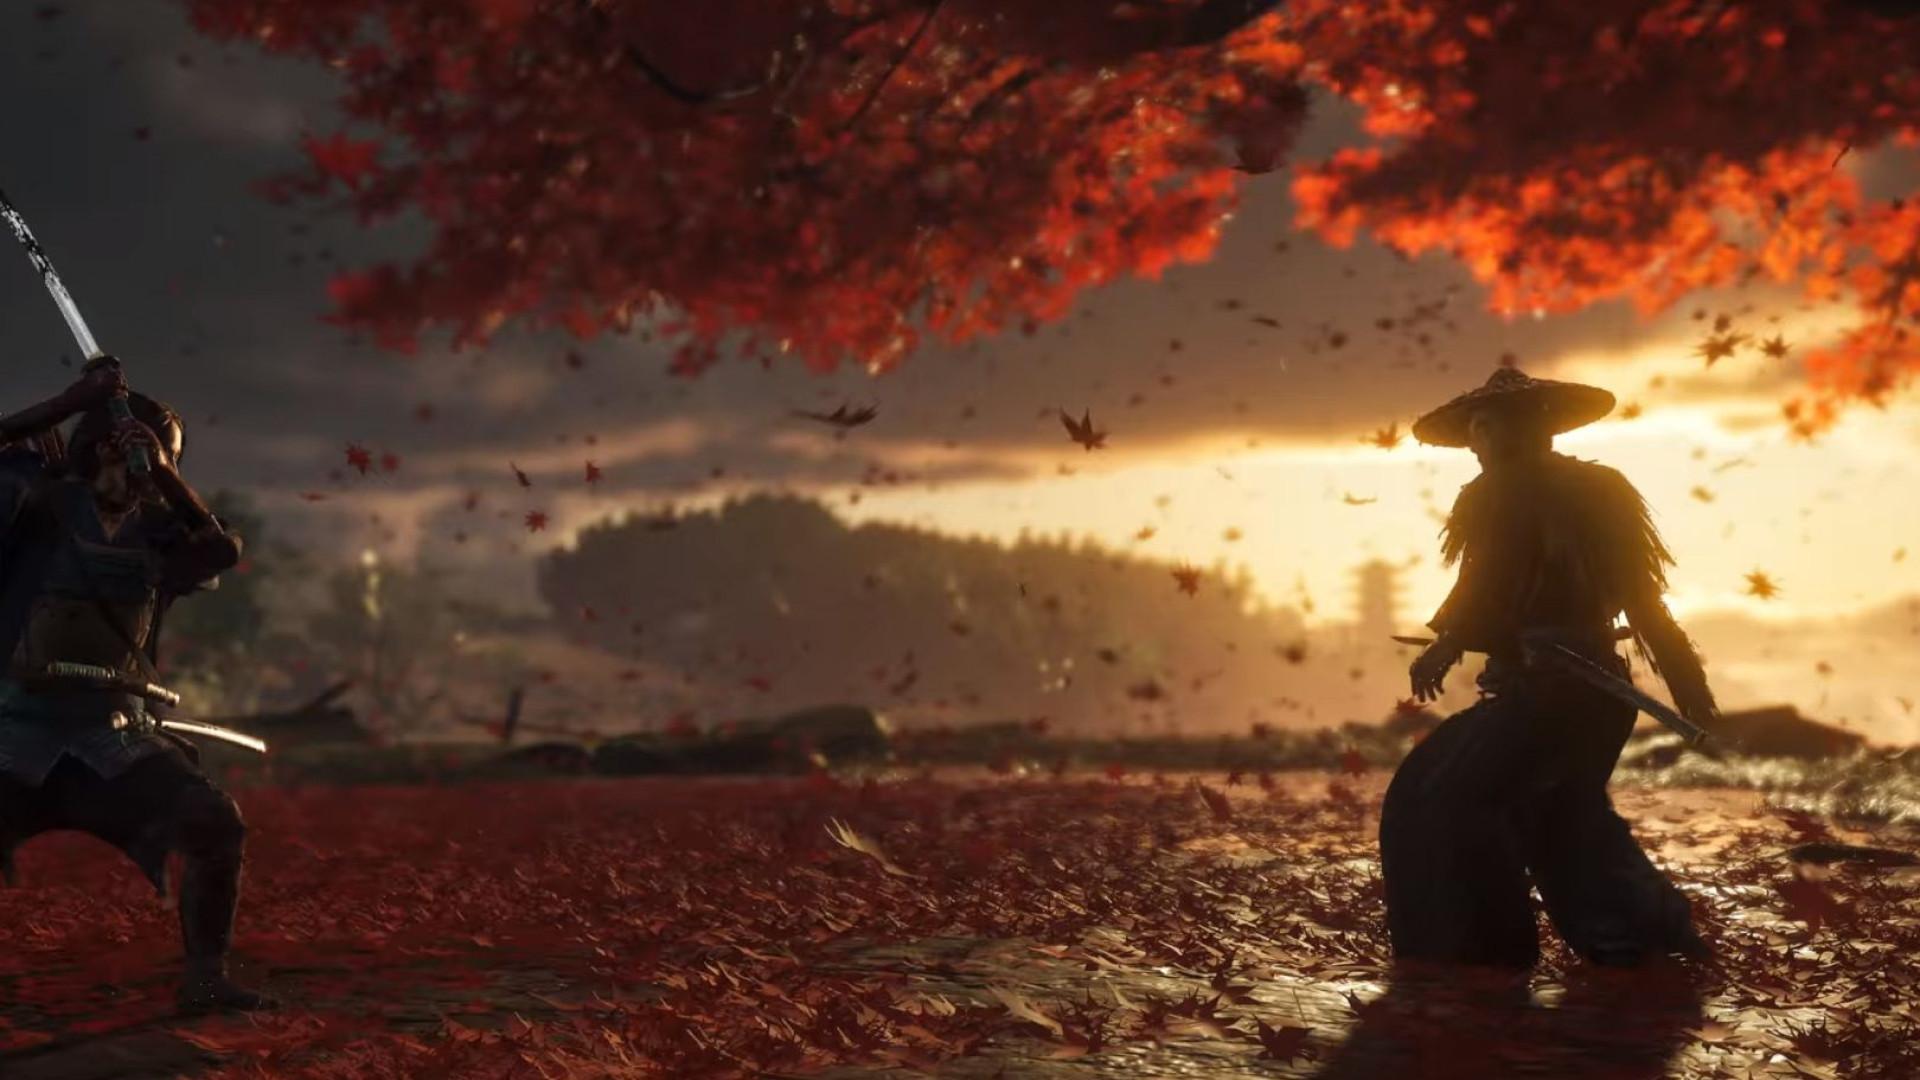 Exclusivo da PlayStation 4 vai levá-lo ao Japão feudal